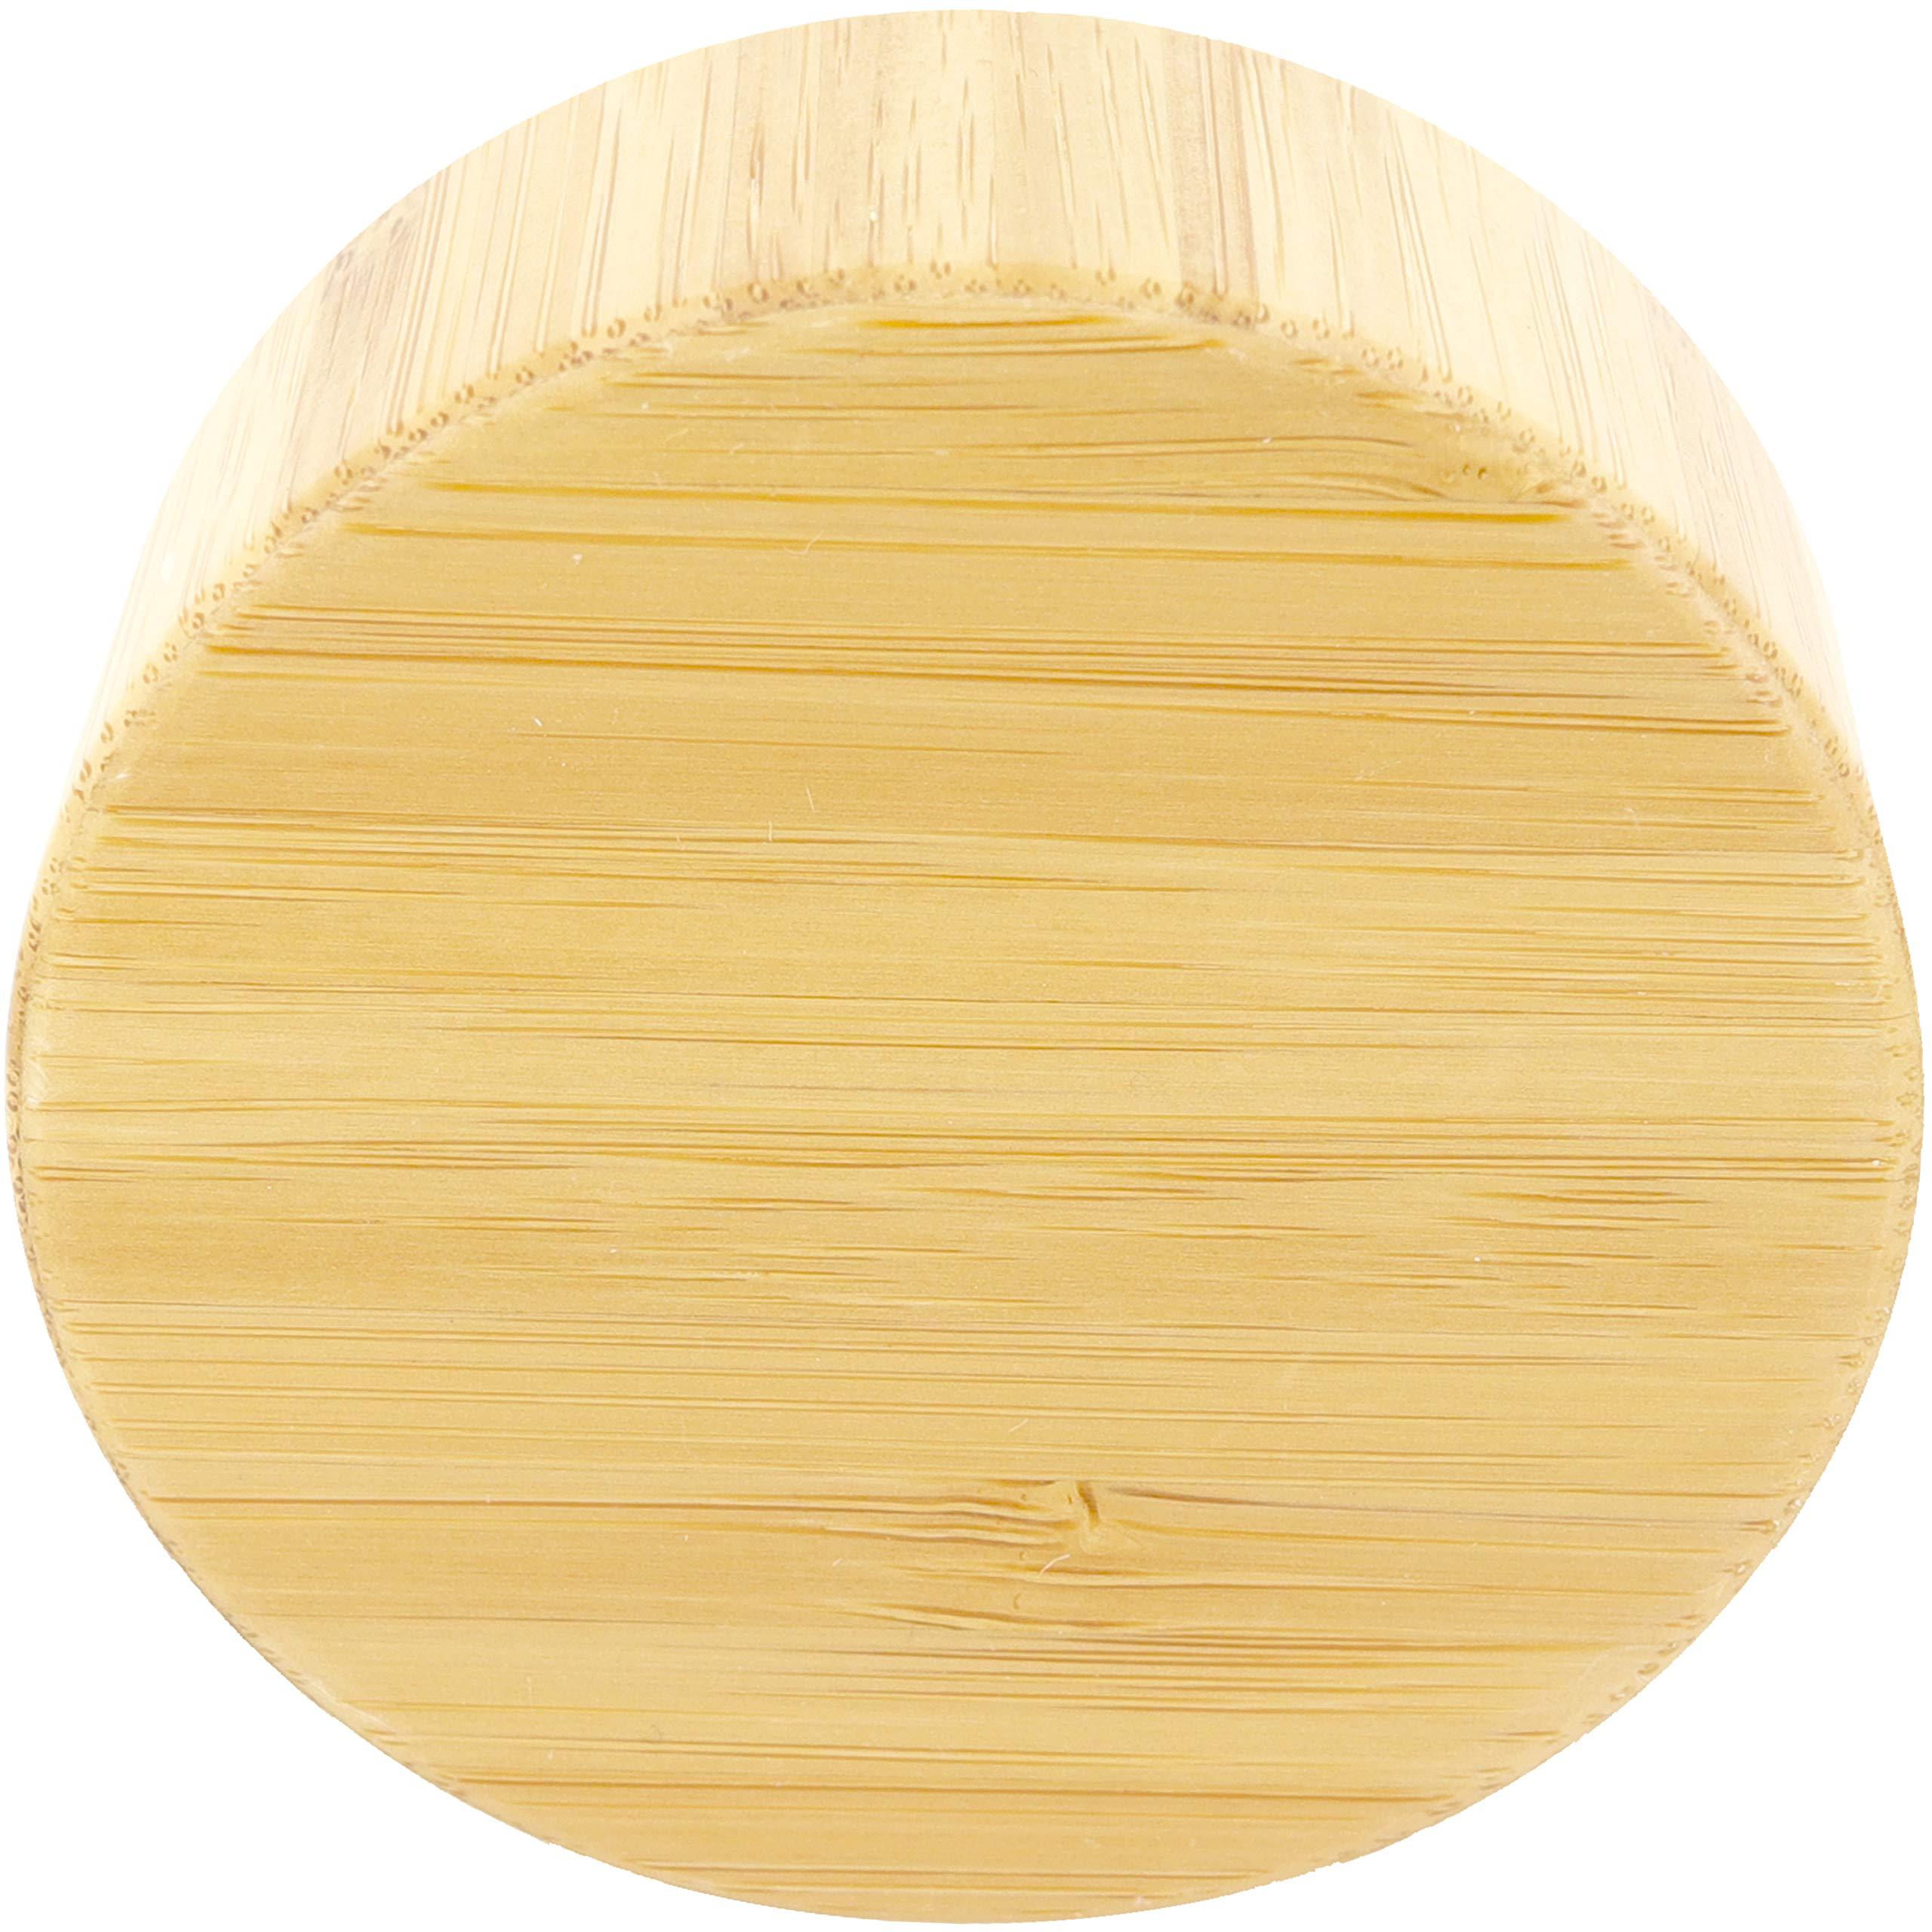 Tetera Botella de Vidrio amapodo Cierre de Tapa de Repuesto de bamb/ú para Botella de Agua